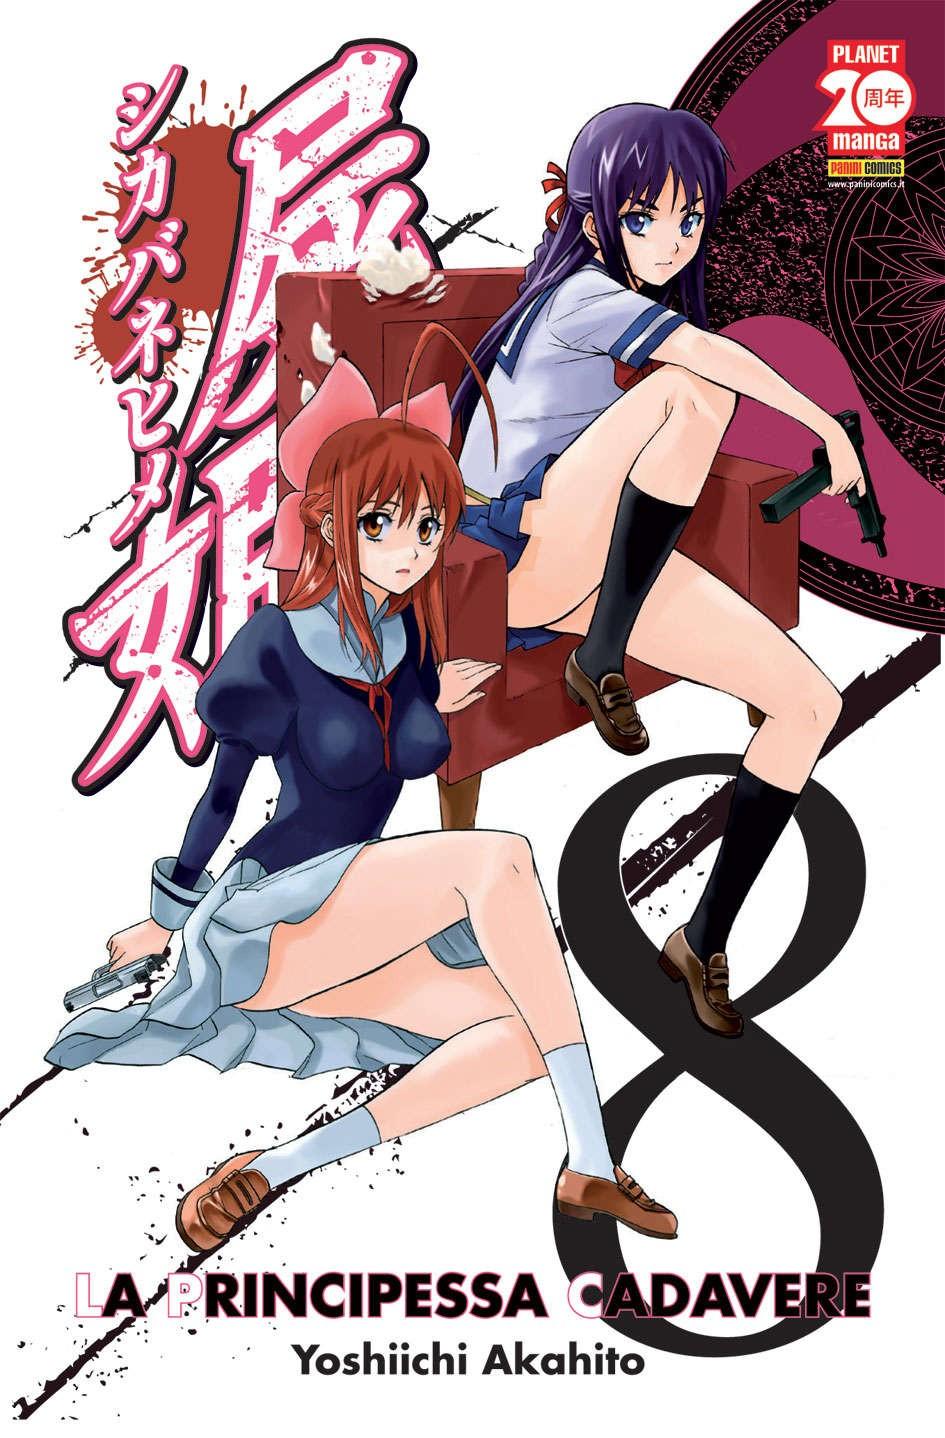 Principessa Cadavere - N° 8 - La Principessa Cadavere - Planet Manga